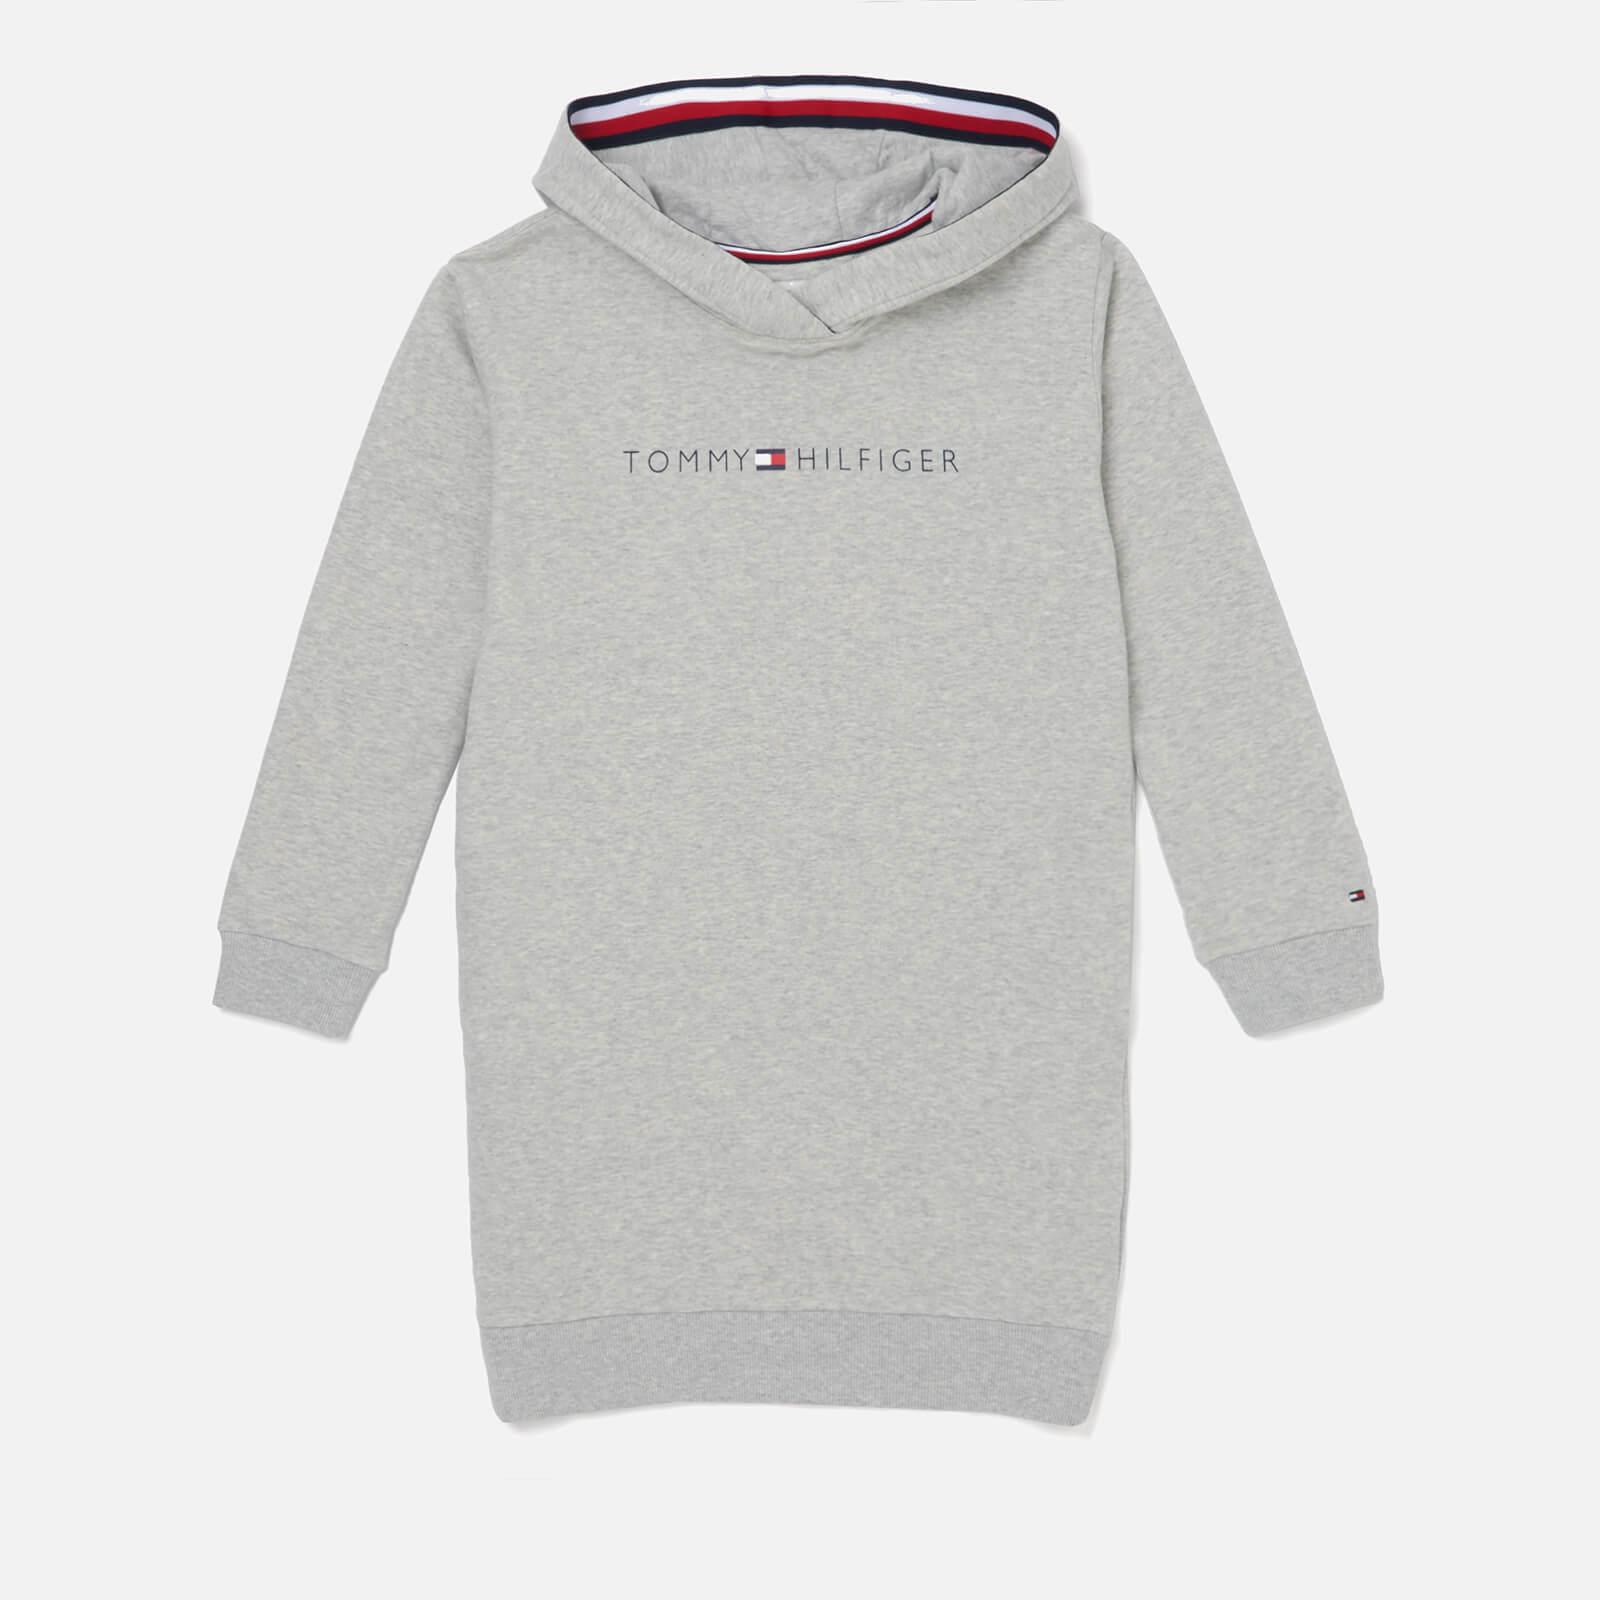 Tommy Hilfiger Girls' Essentials Hoodie Dress - Light Grey Heather - 7 Years - Grey